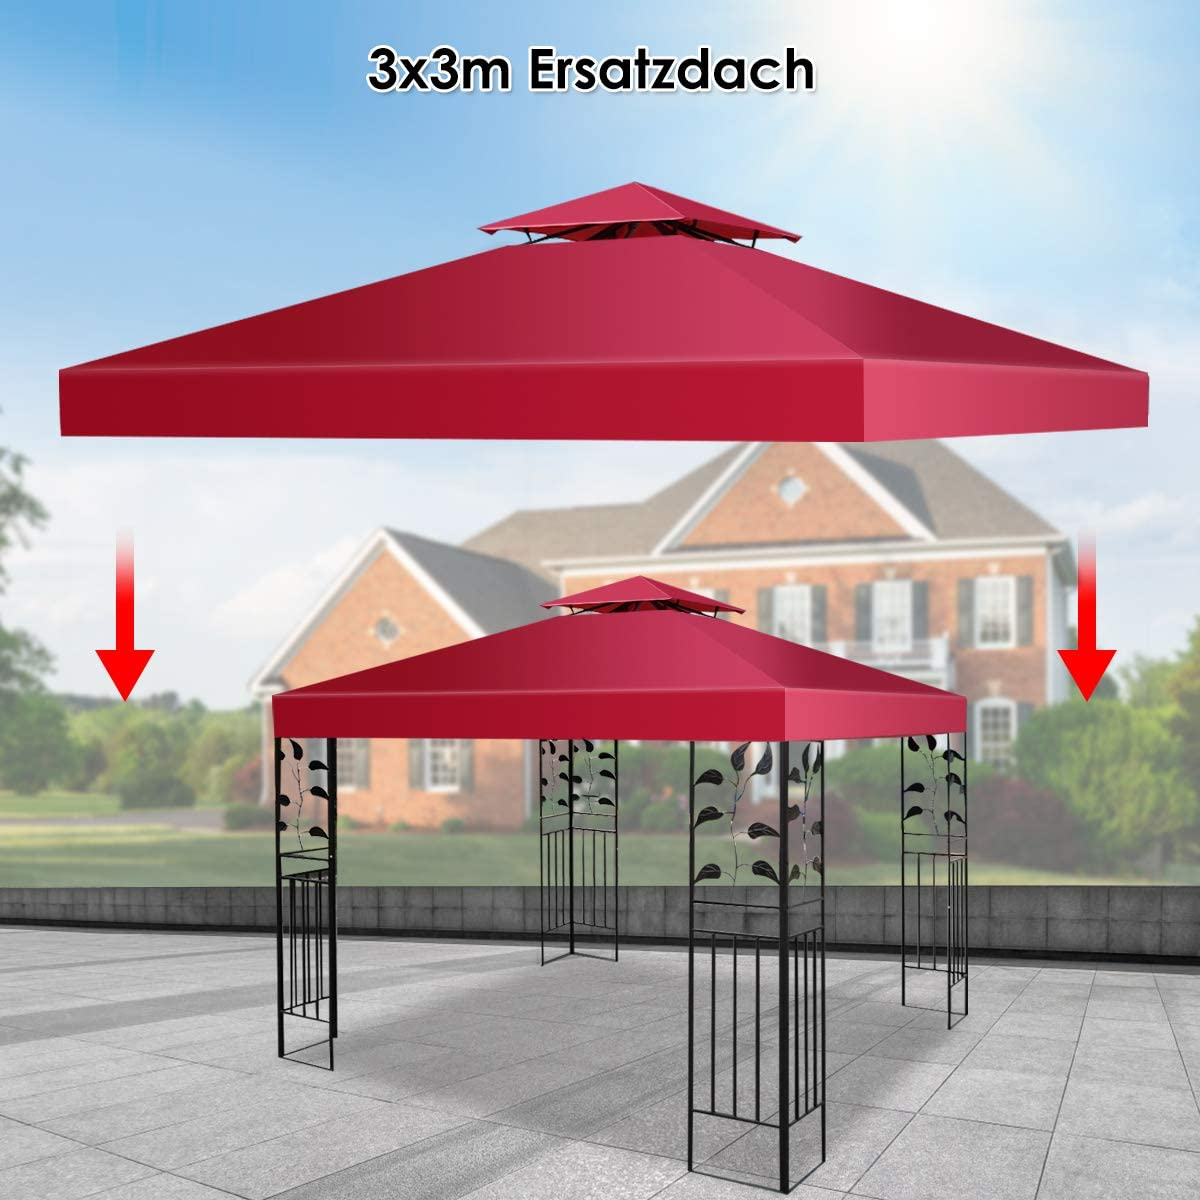 costway pavillio techo techo de repuesto. Carpa lona techo Conducto de chimenea para cenador de 3 x 3 m, borgoña: Amazon.es: Jardín